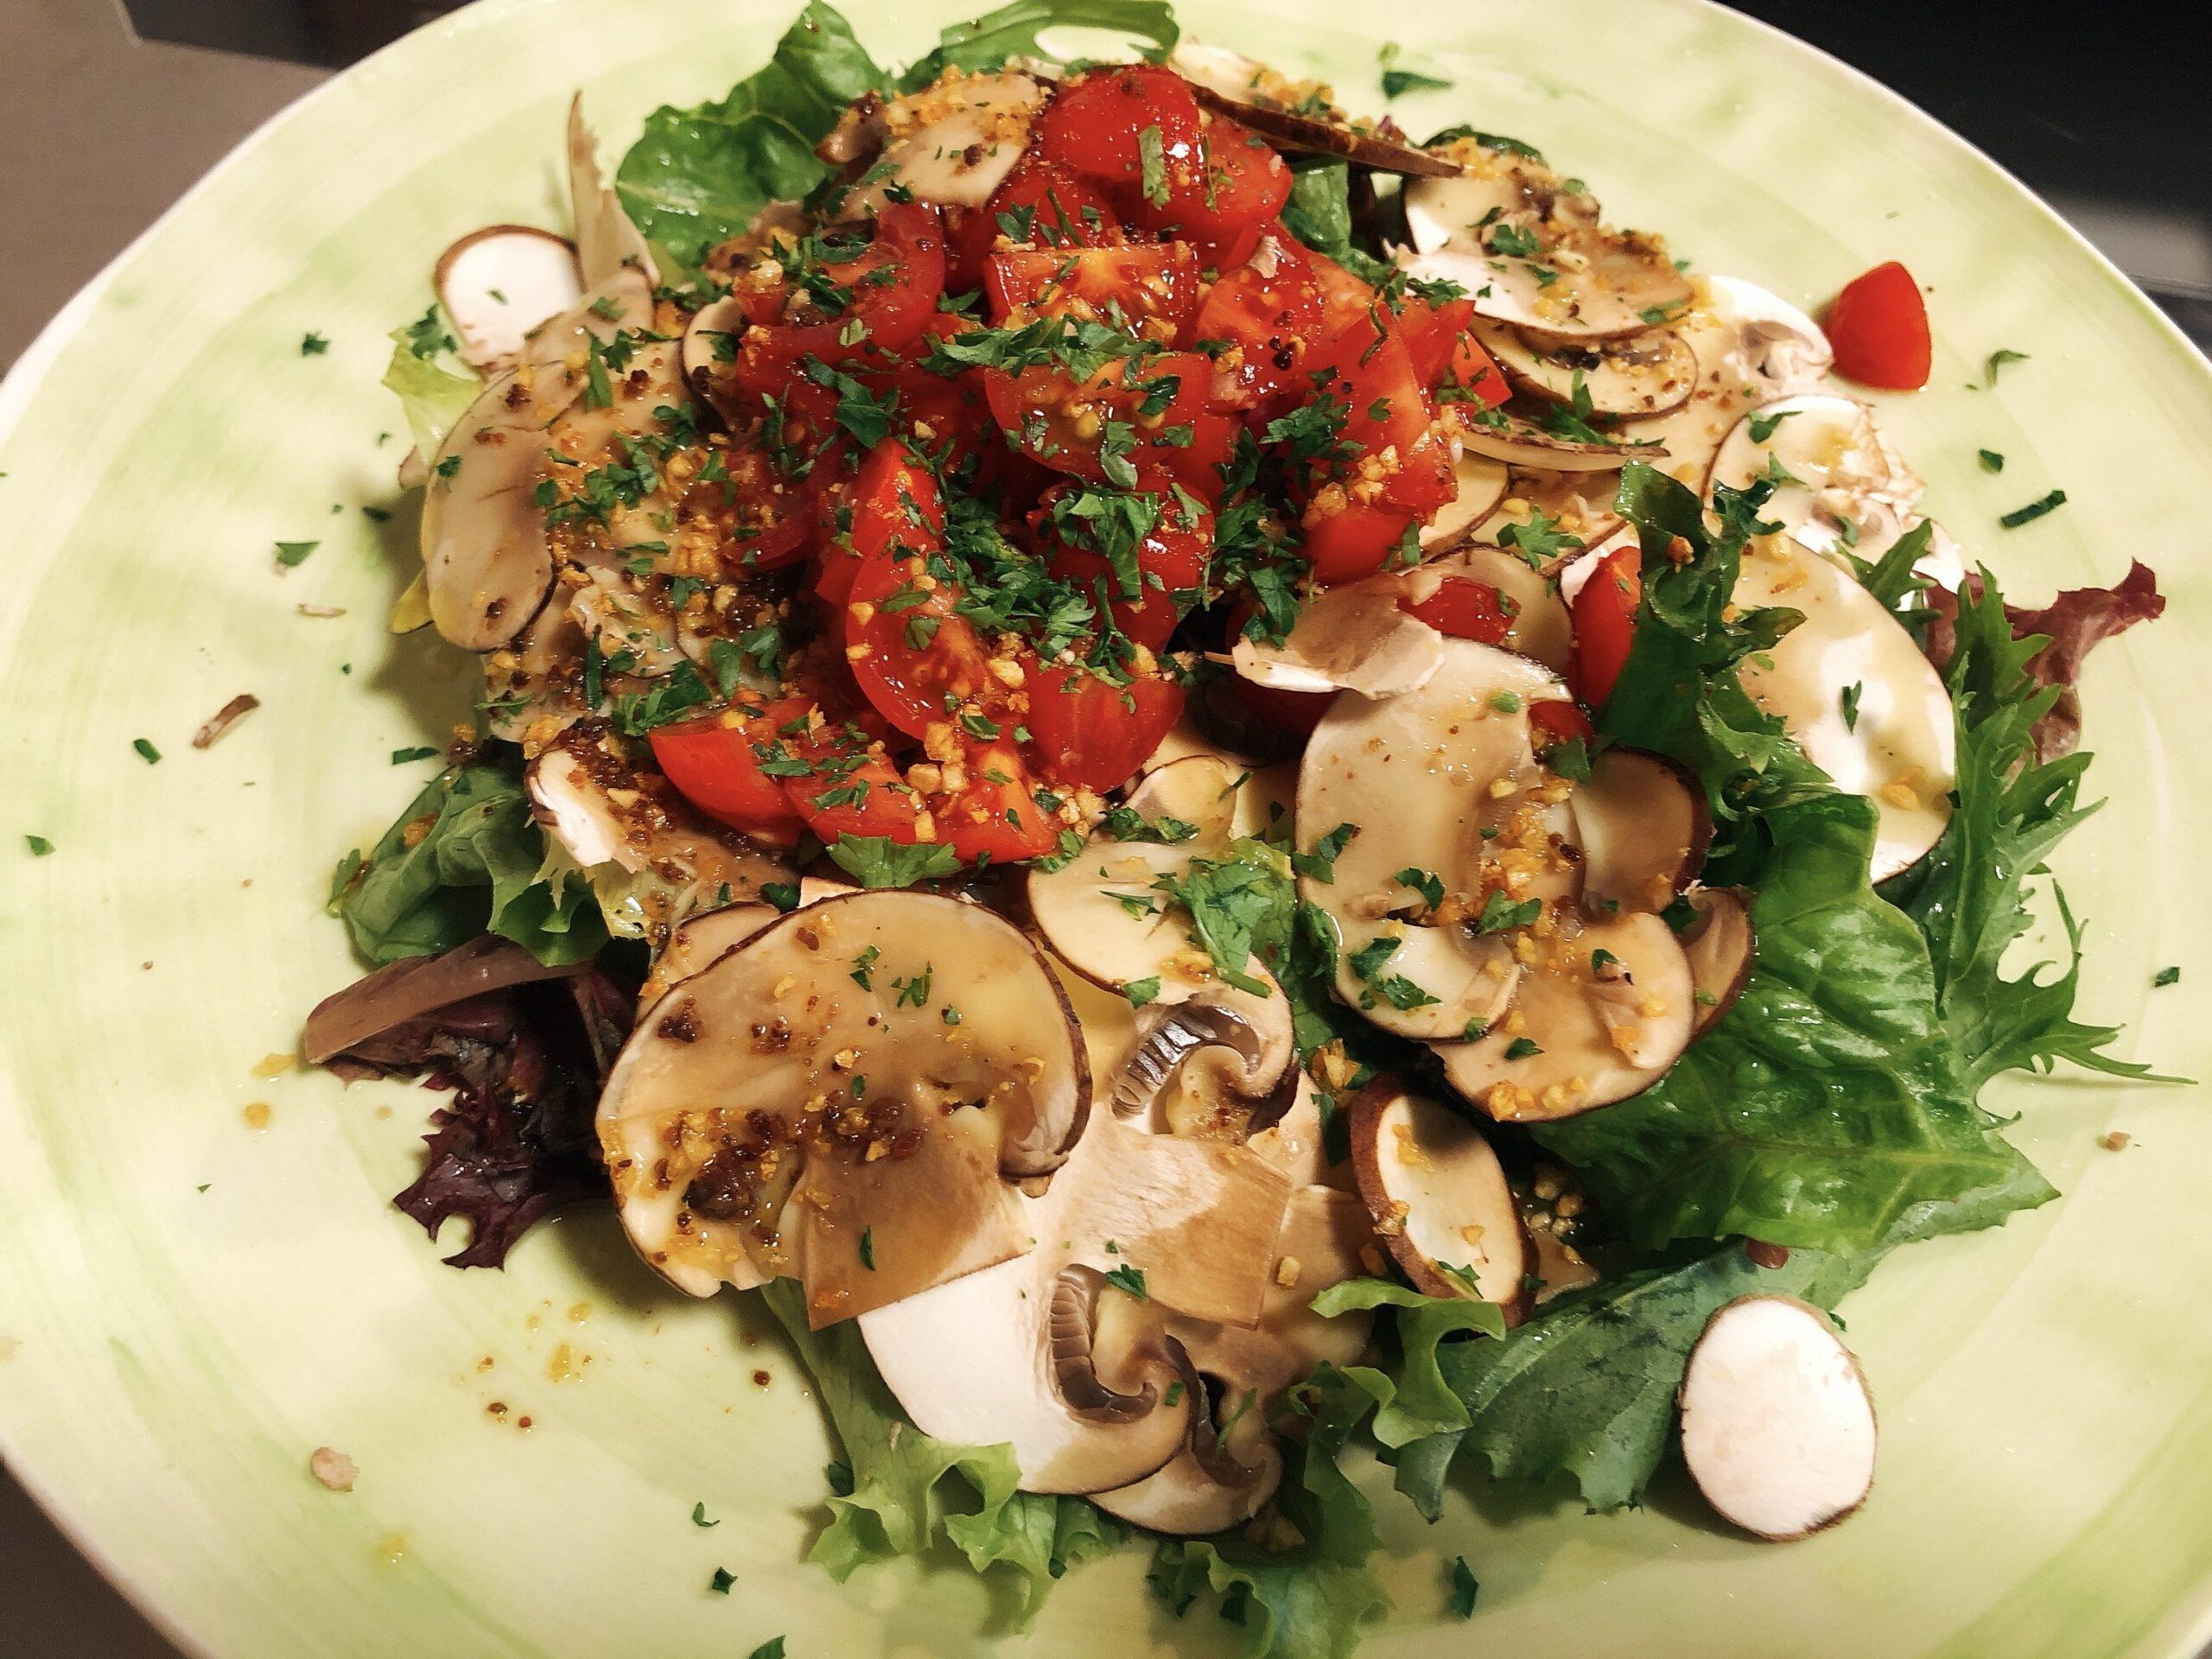 盛り付けたサラダの上からアンチョビガーリックオイルをかけた状態の画像です